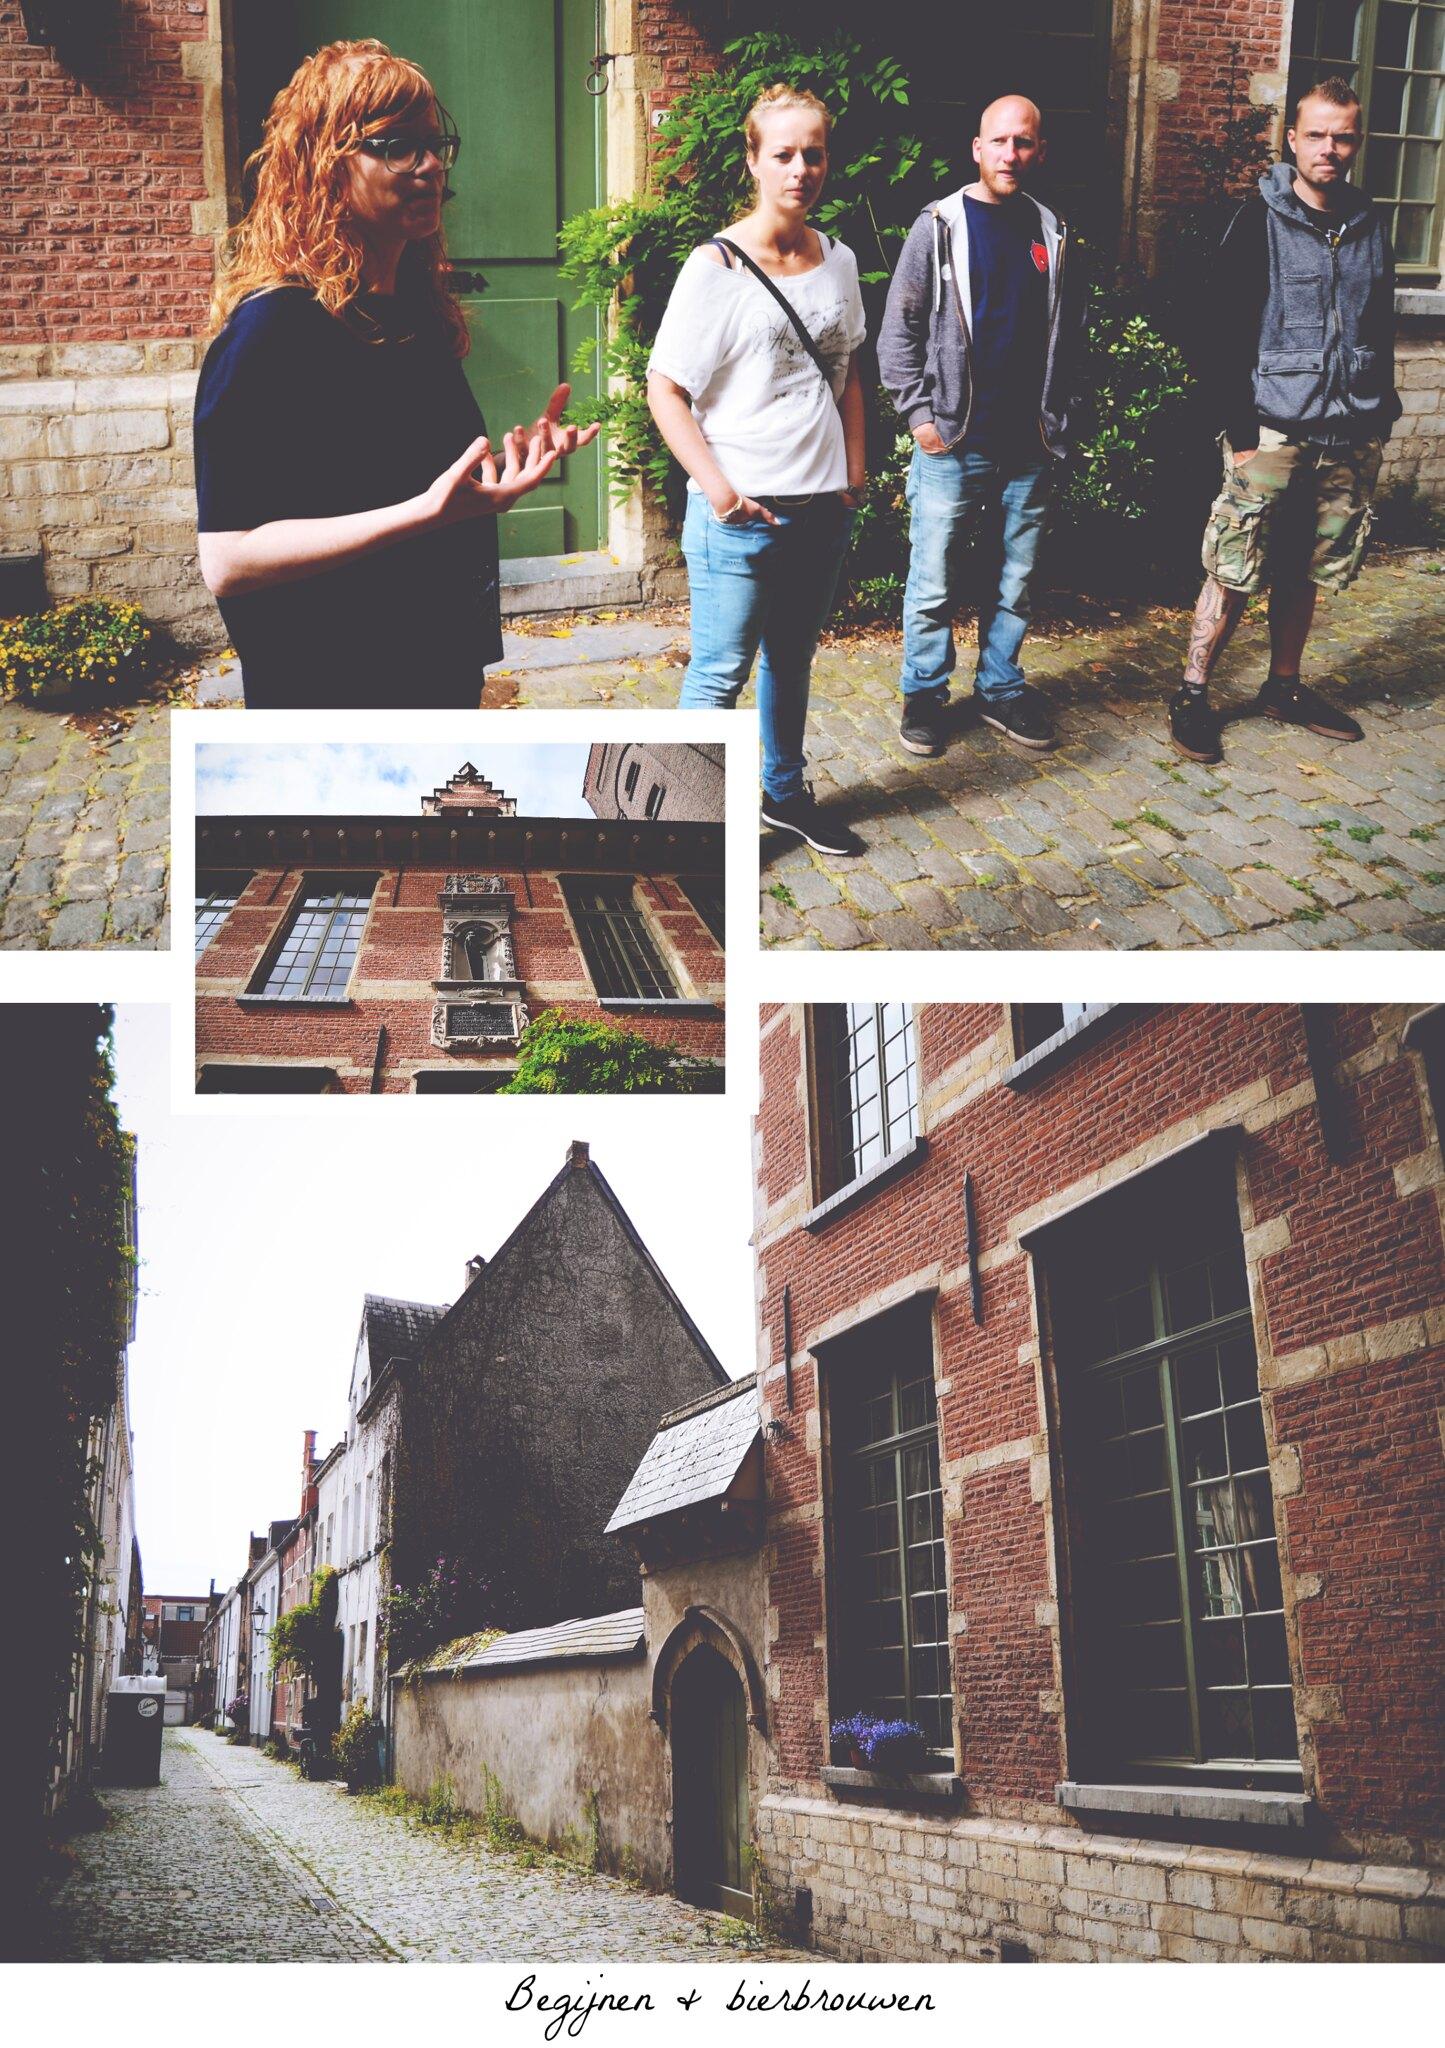 Brouwerij Het Anker in Mechelen vond haar oorsprong bij de lokale Begijnen | via It's Travel O'Clock